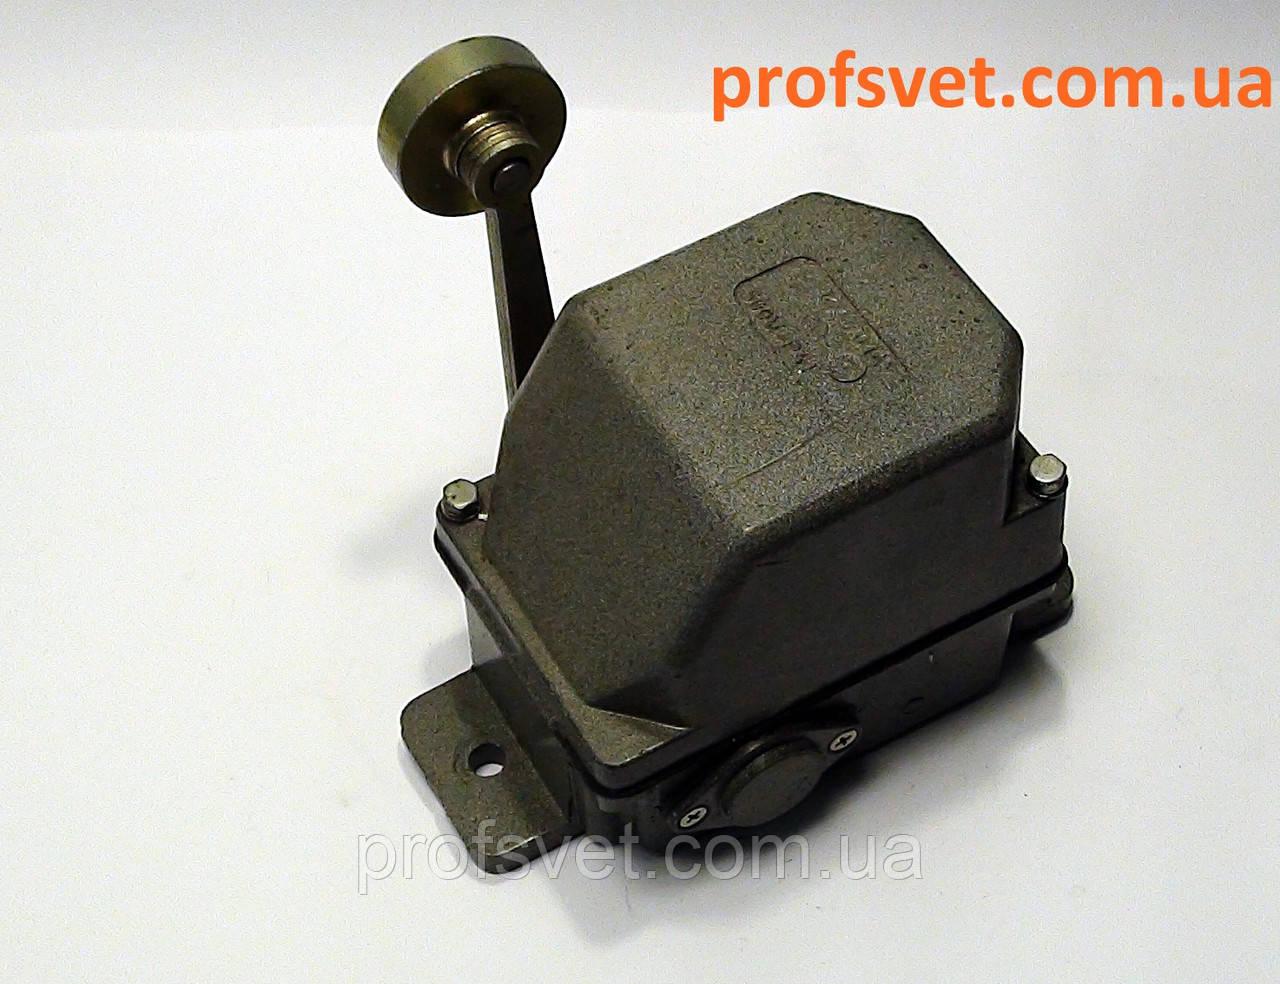 Выключатель конечный КУ-701